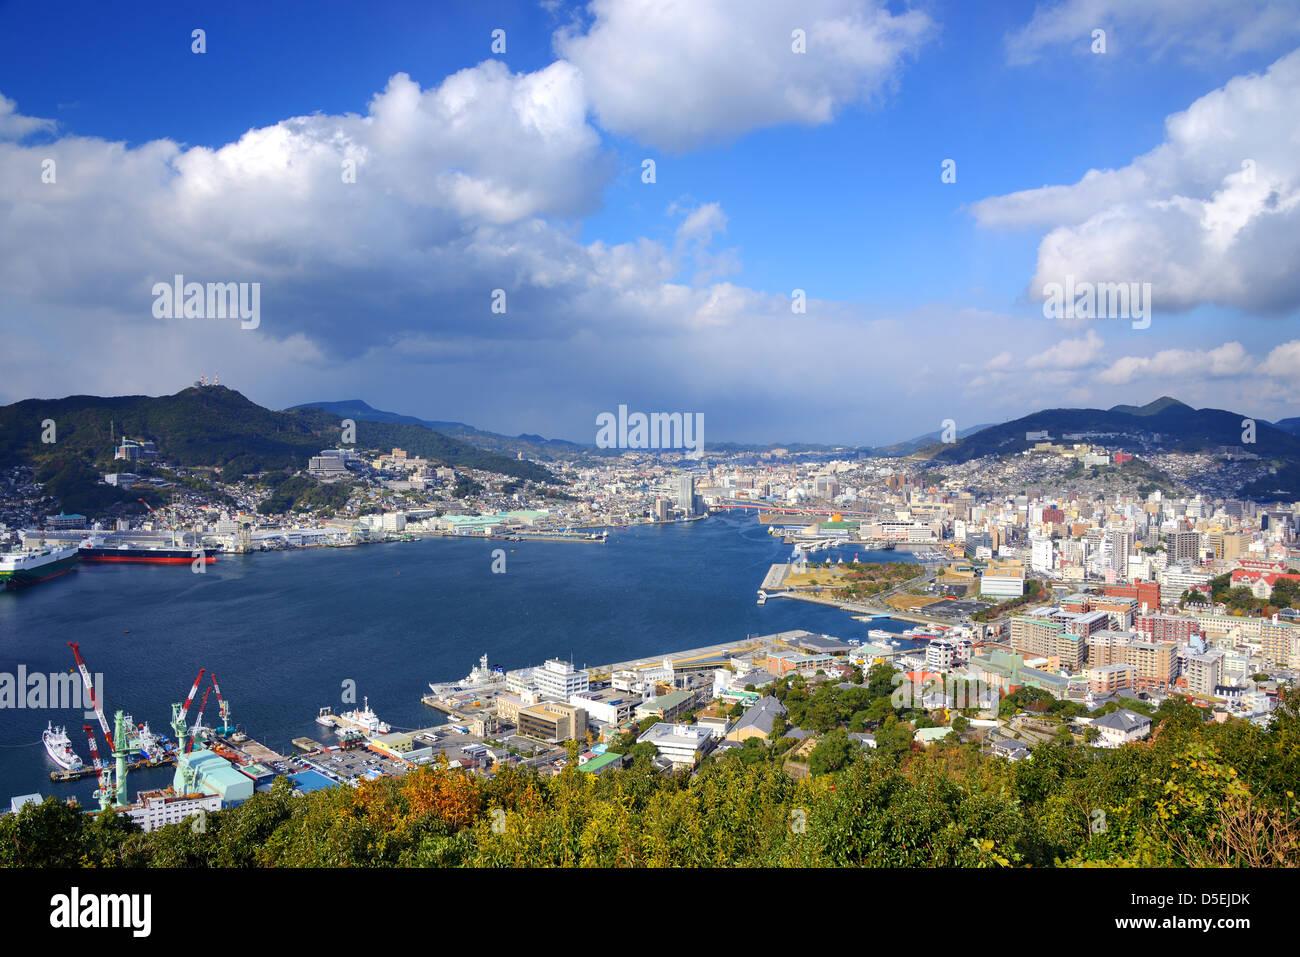 Ansicht der Bucht von Nagasaki, Japan. Stockbild